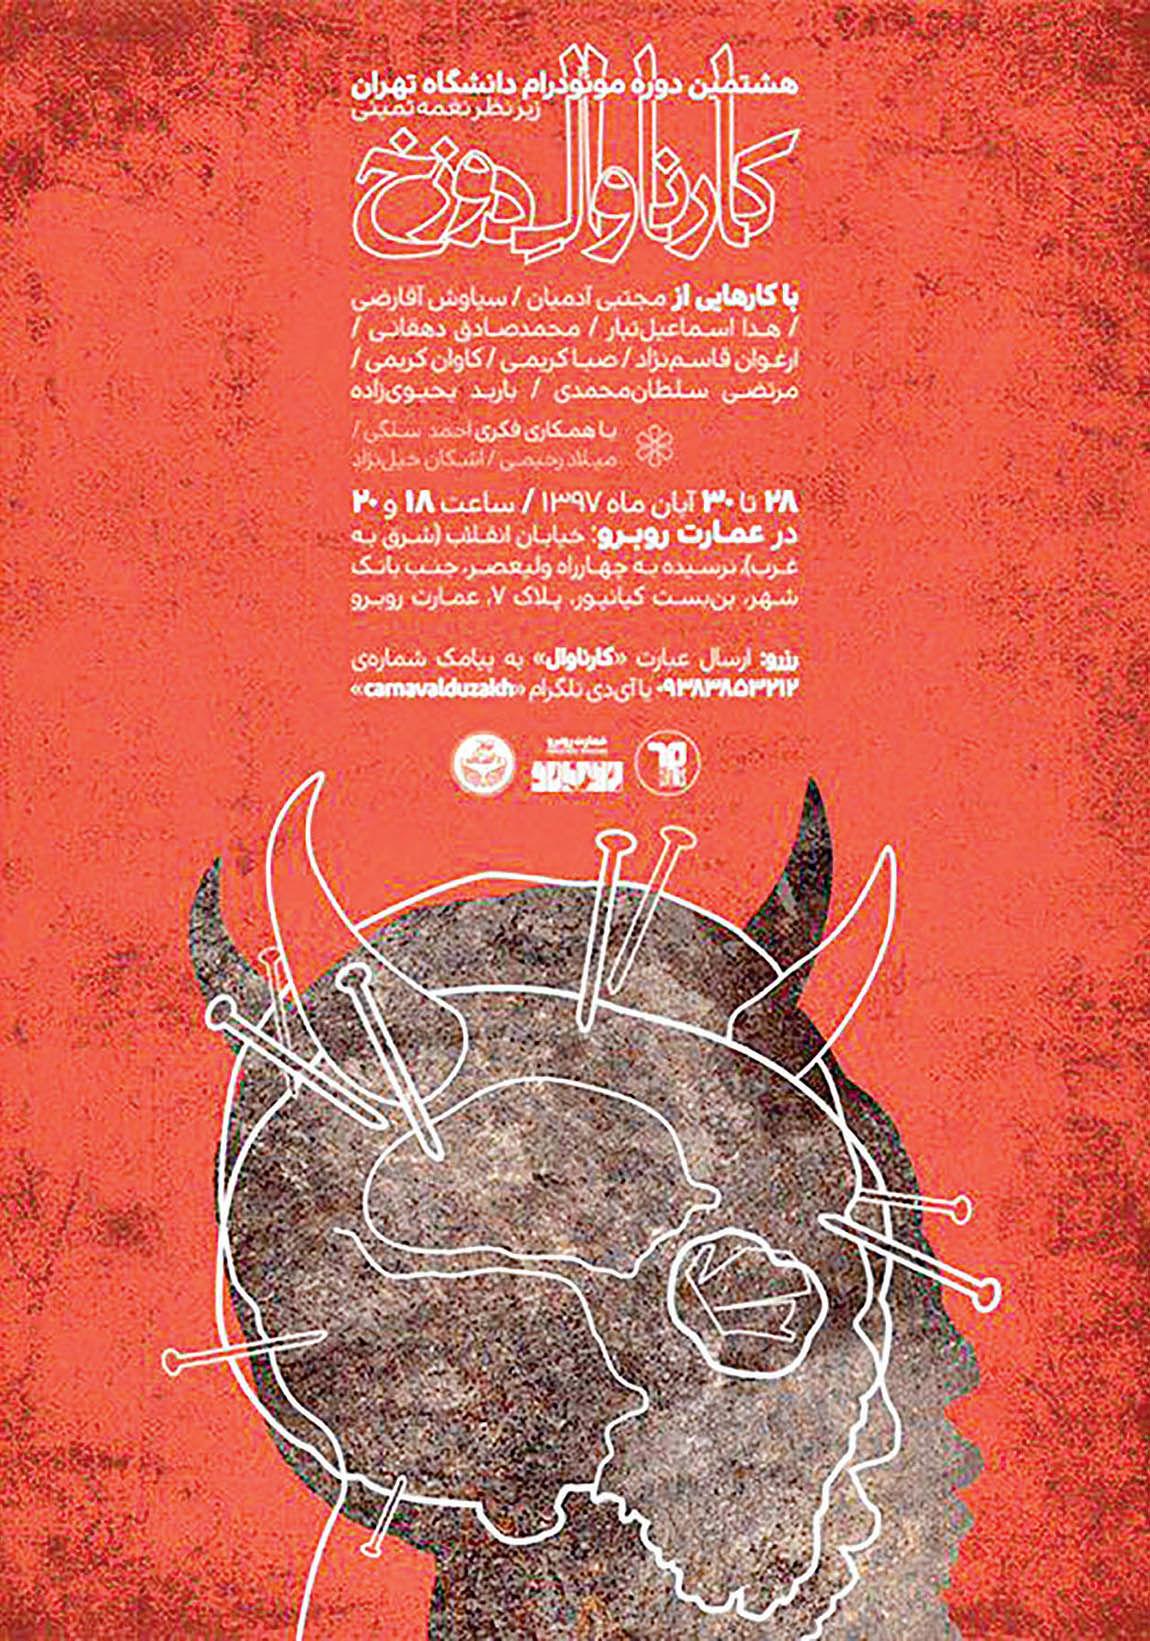 کارناوال دوزخ از فردا در تهران